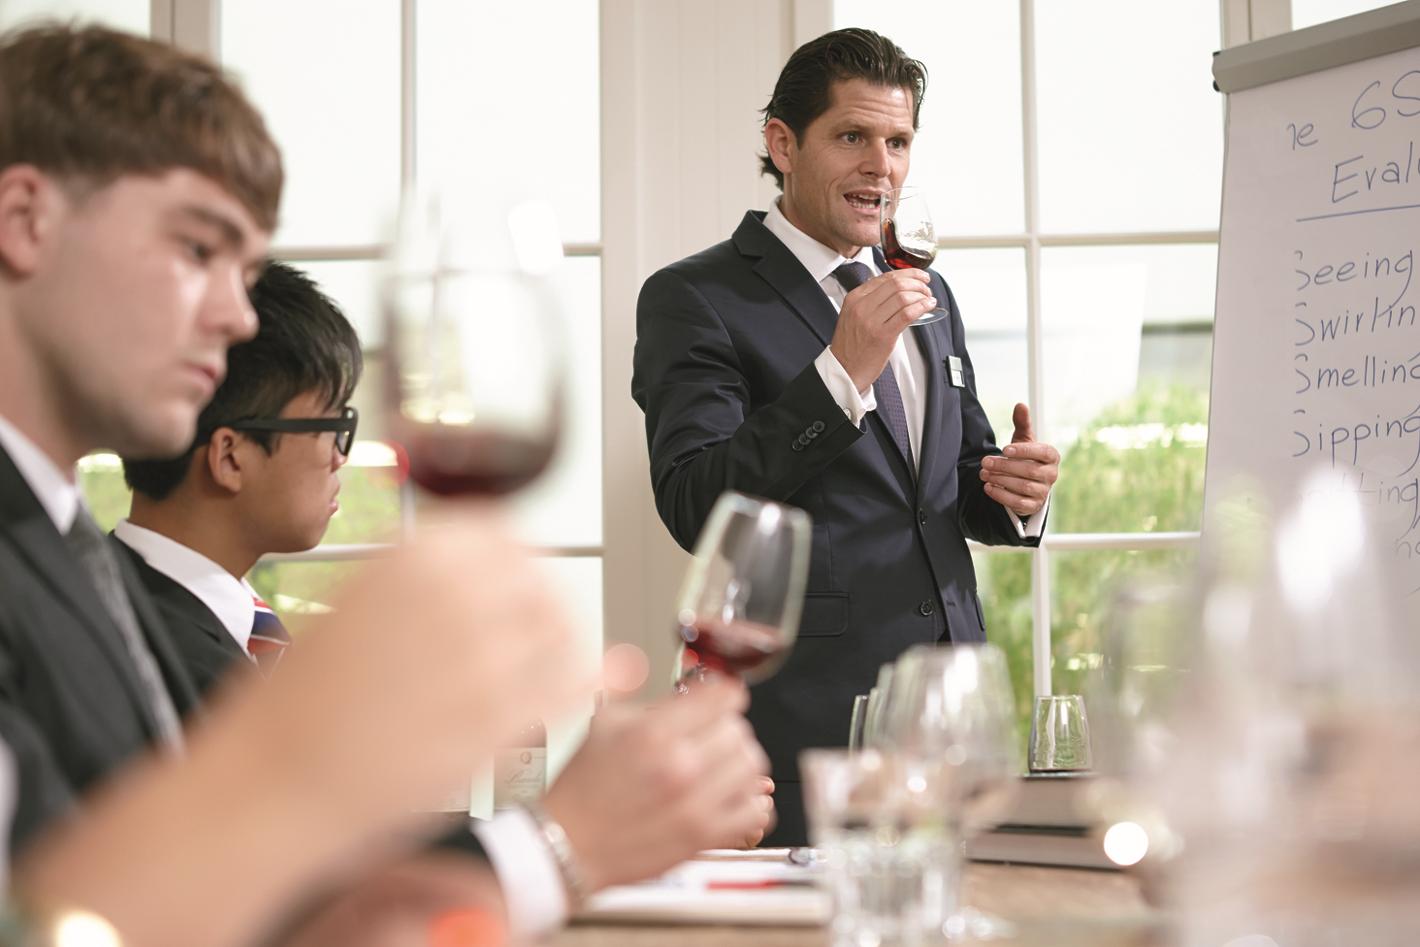 Swissday 2018: Bí quyết thành công trong lĩnh vực Quản lý Nhà hàng Khách sạn cùng BHMS - Ảnh 1.